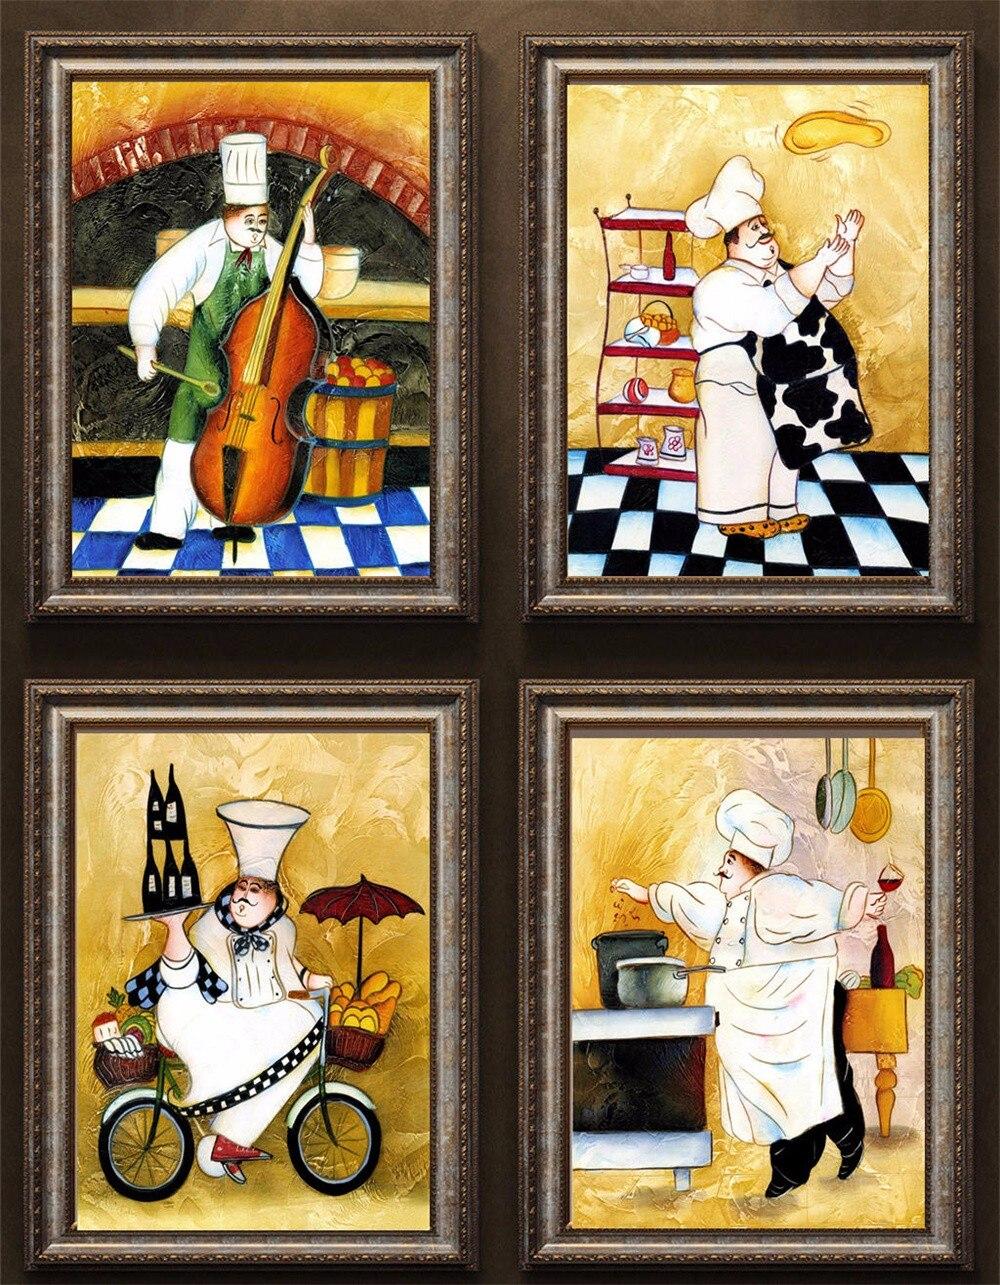 unidades de lona pintura antigua cocina cocina cocinero feliz decoracin del hogar de la pared